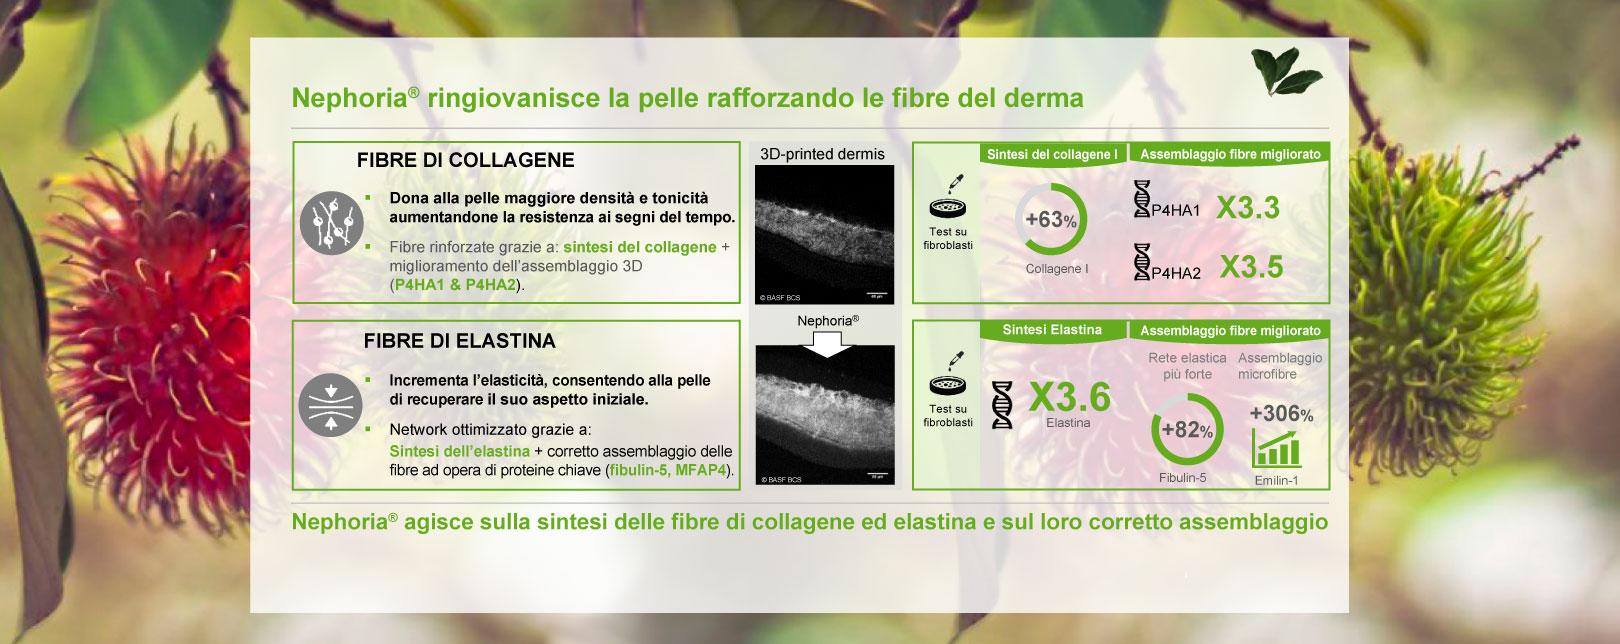 Nephoria ringiovanisce la pelle rafforzando le fibre del derma